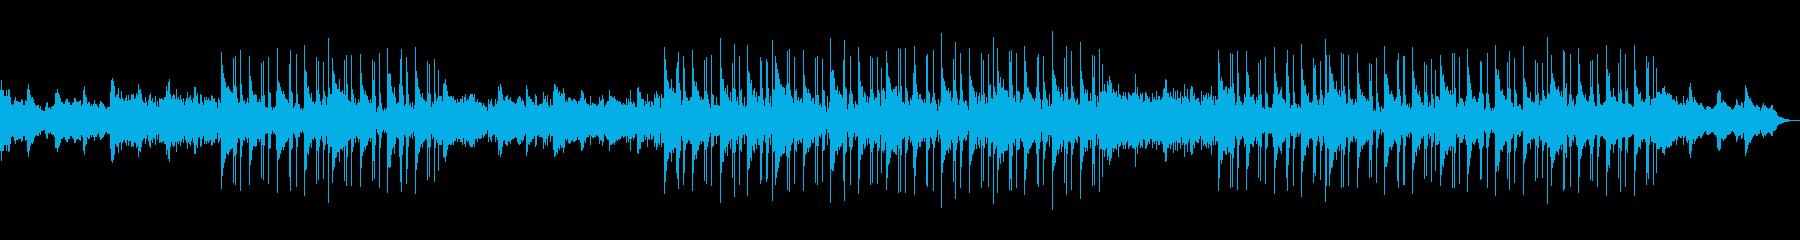 憂鬱系チルアウトテクノなカフェポップスの再生済みの波形